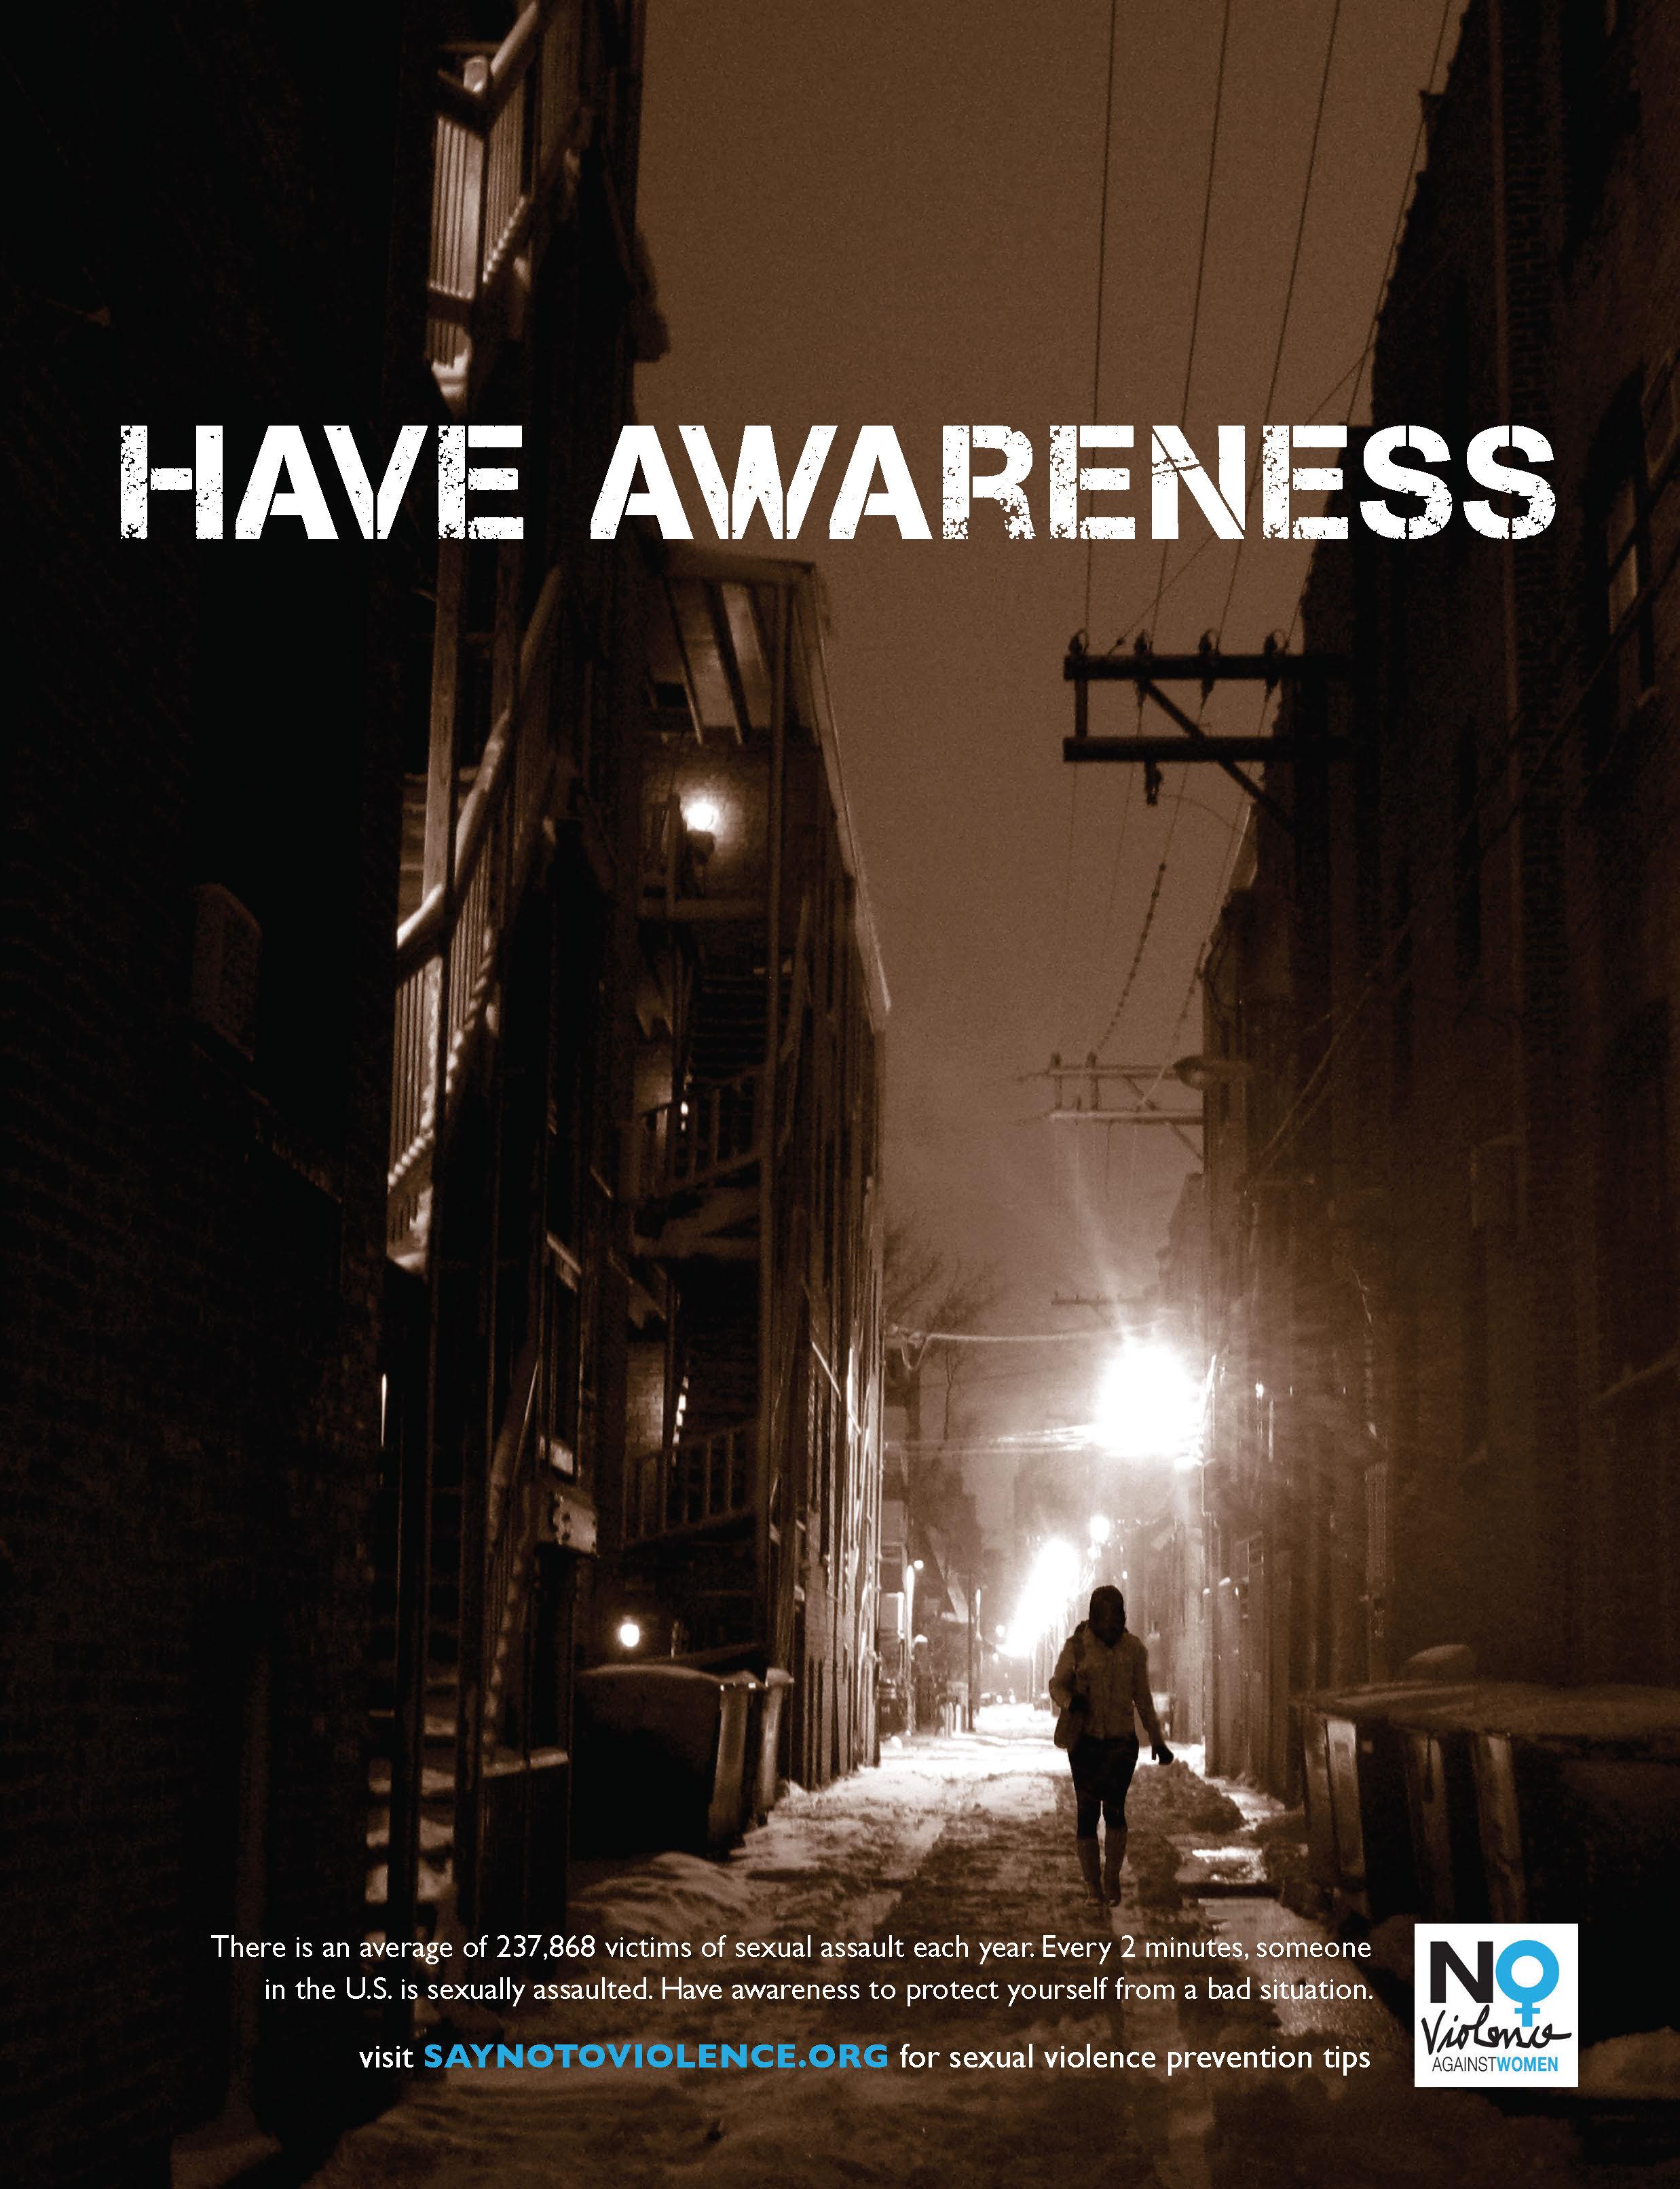 Rape Prevention Public Service Ads  Nick Vondra Graphic